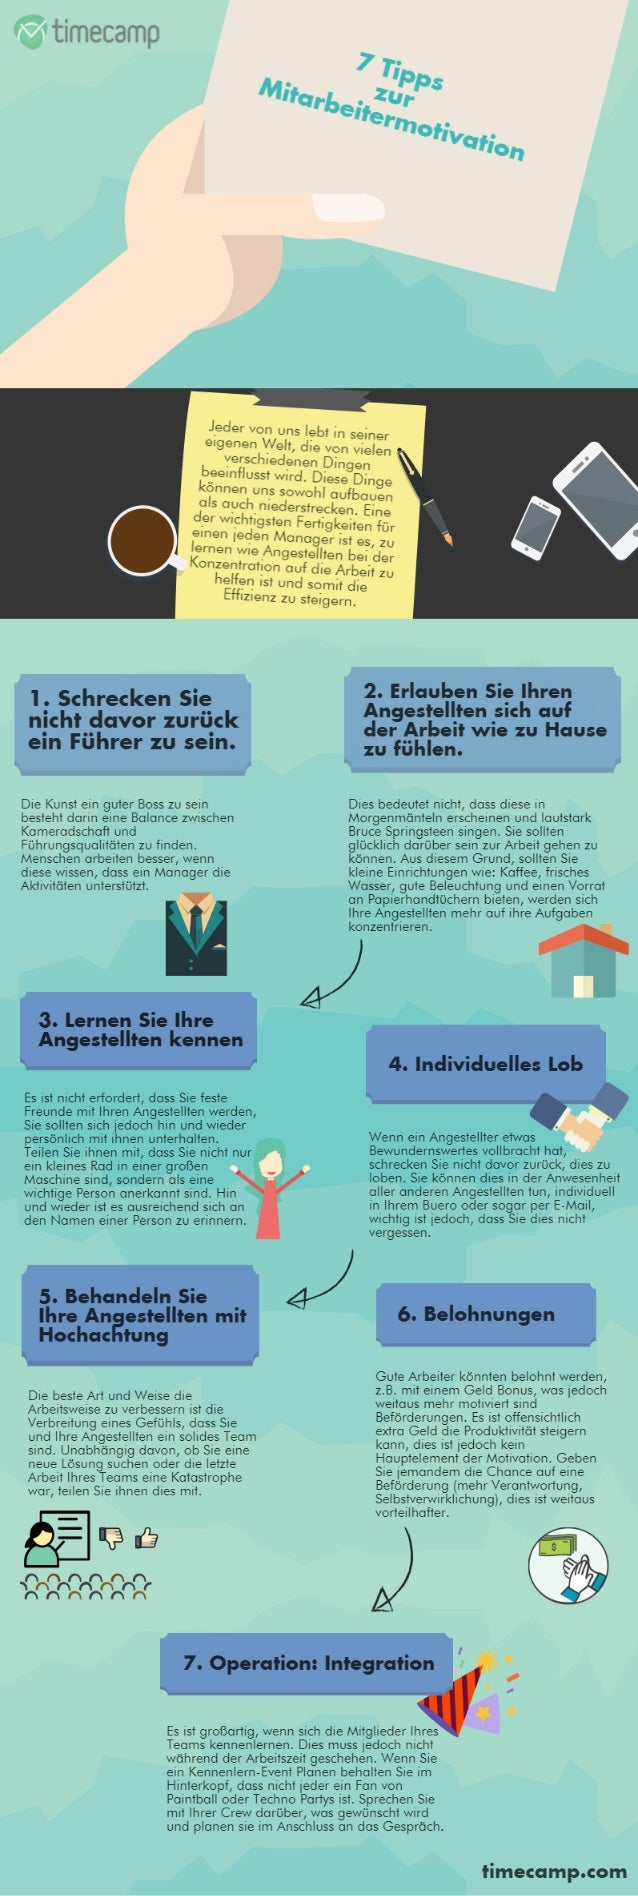 """reclcen Sie  c """" Ecévor"""" """"  h i' . -.uruc! ( - hrer . '-: u sein.   Foo I  'i.  3 nic ein  Die Kunst ein guter Boss zu sei..."""